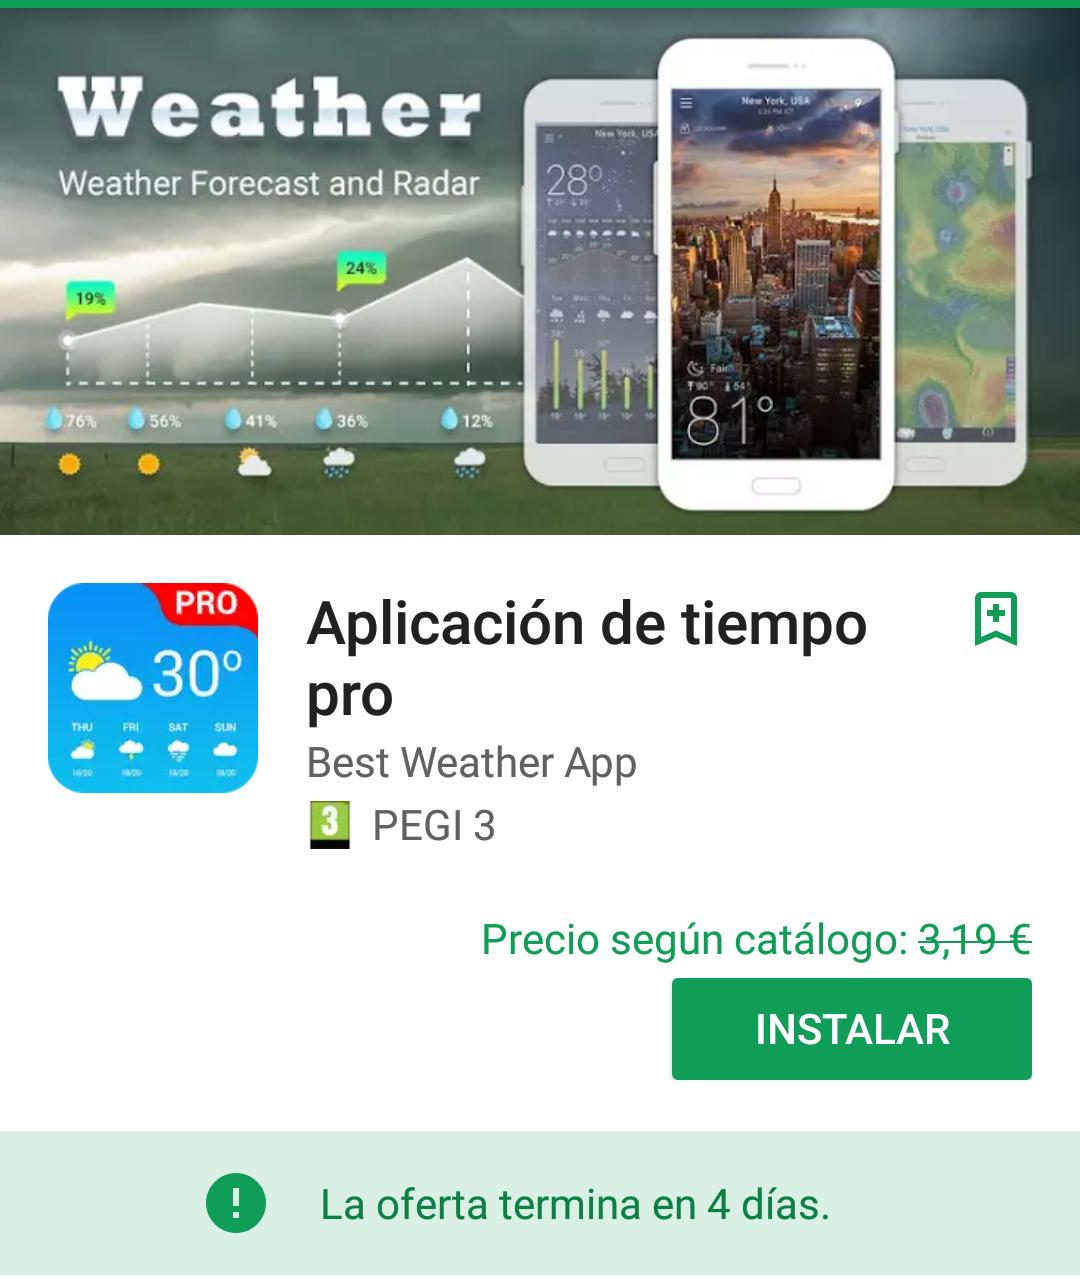 Aplicación del tiempo pro